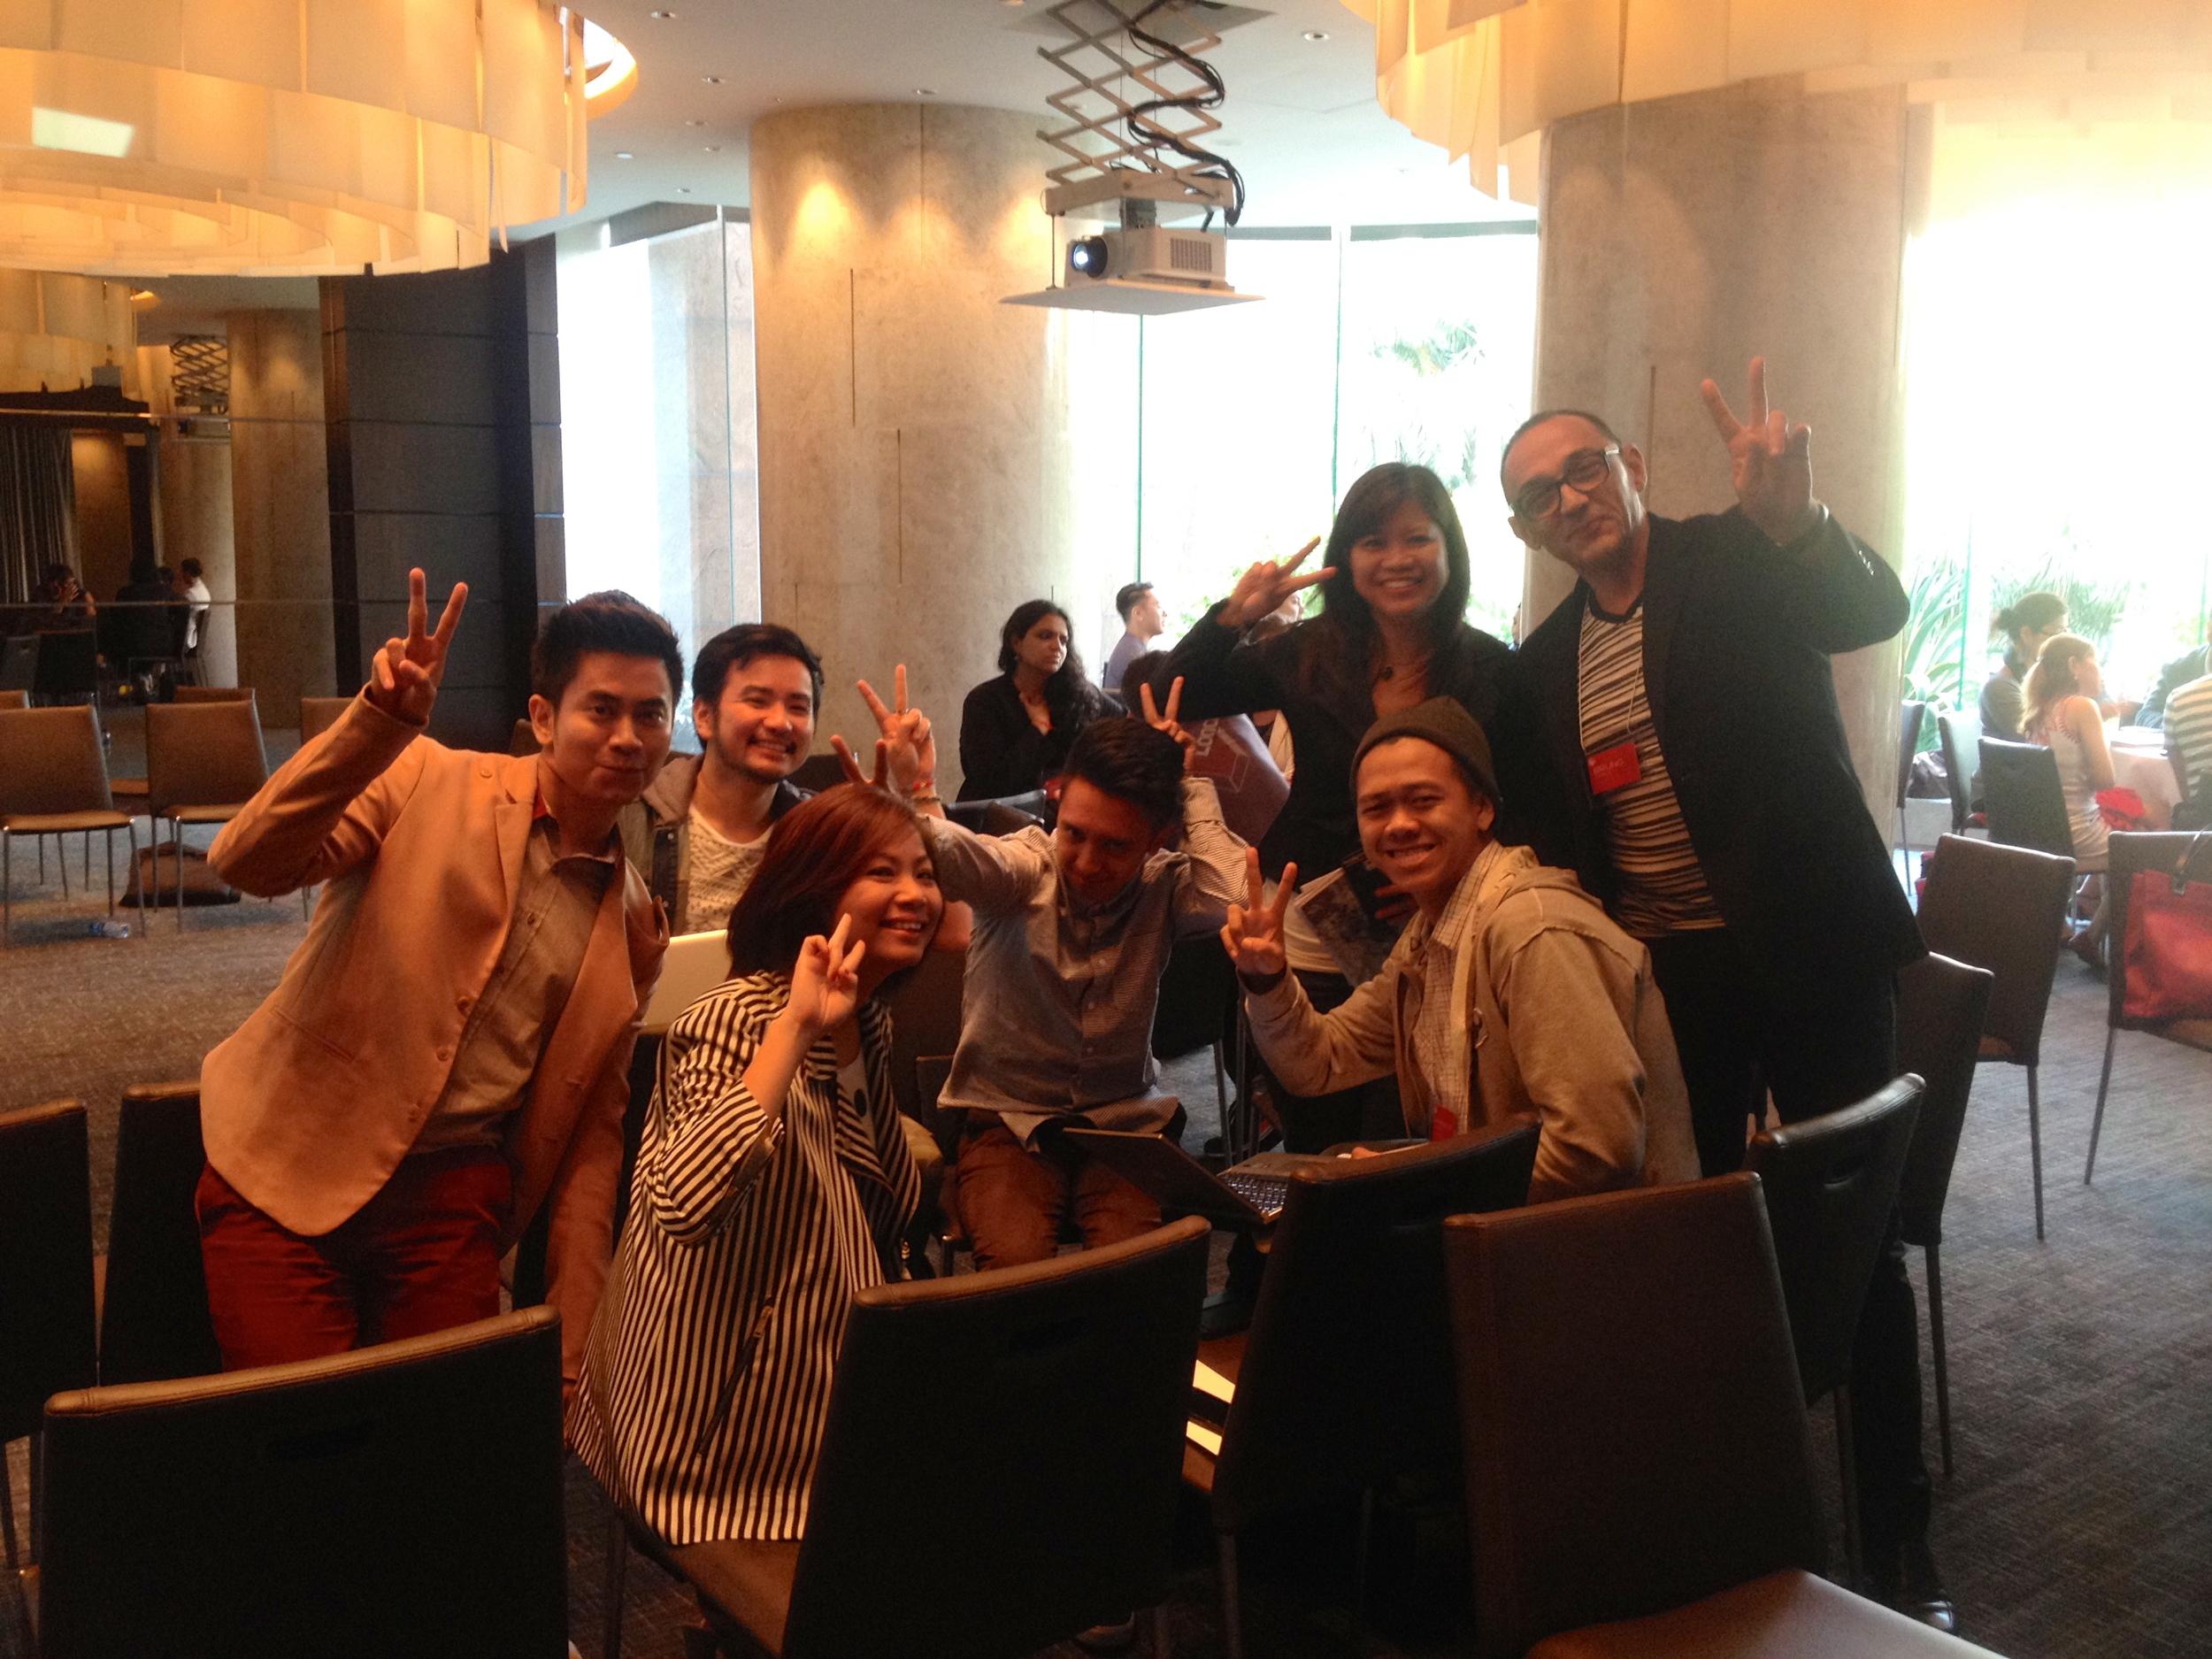 Publicis Team